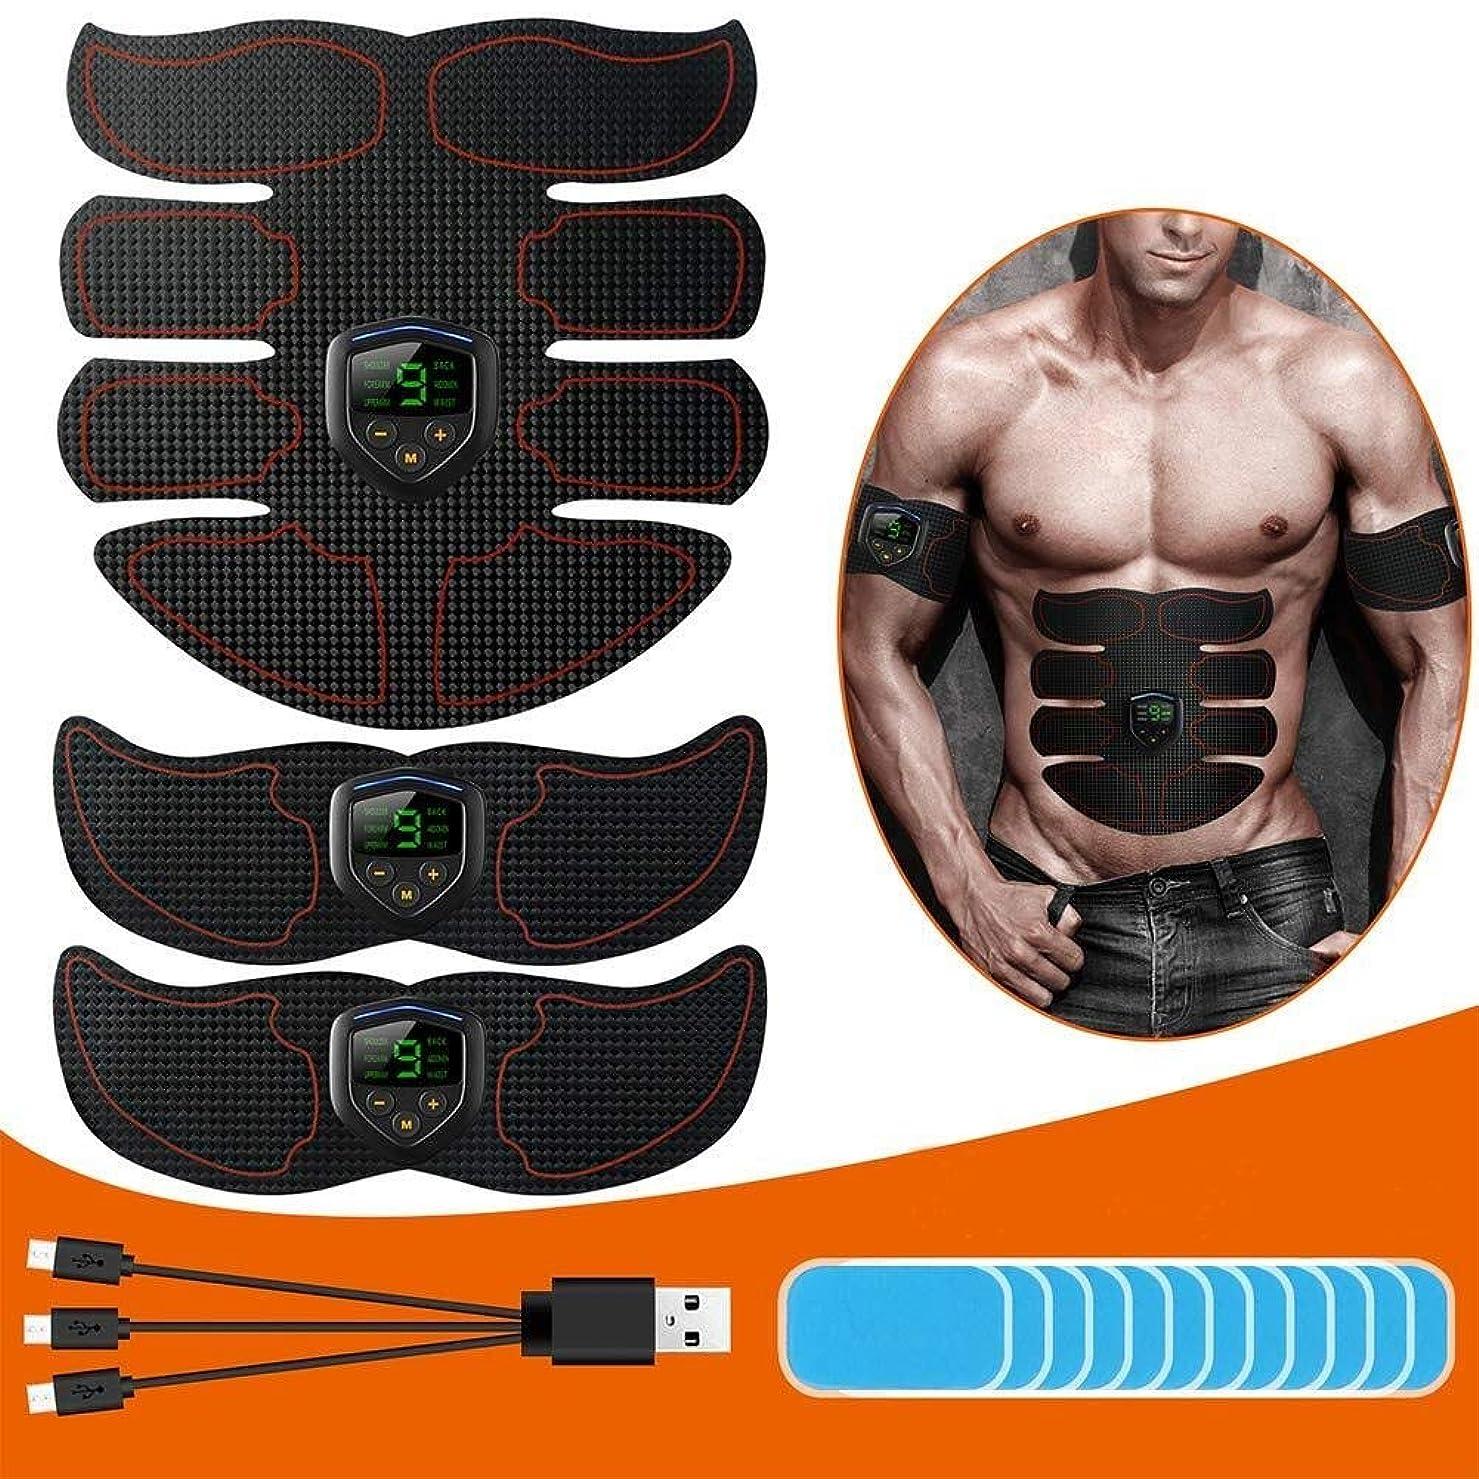 アクティブグリット準備する筋肉刺激装置 ABSトレーナー EMSマッスルトナー、 Ab インテリジェント トーニングベルト、 USB充電 液晶ディスプレイ、 腹部/腕/脚 筋肉 ジムの設備 にとって 女性と男性、 12個の交換用ゲルパッド